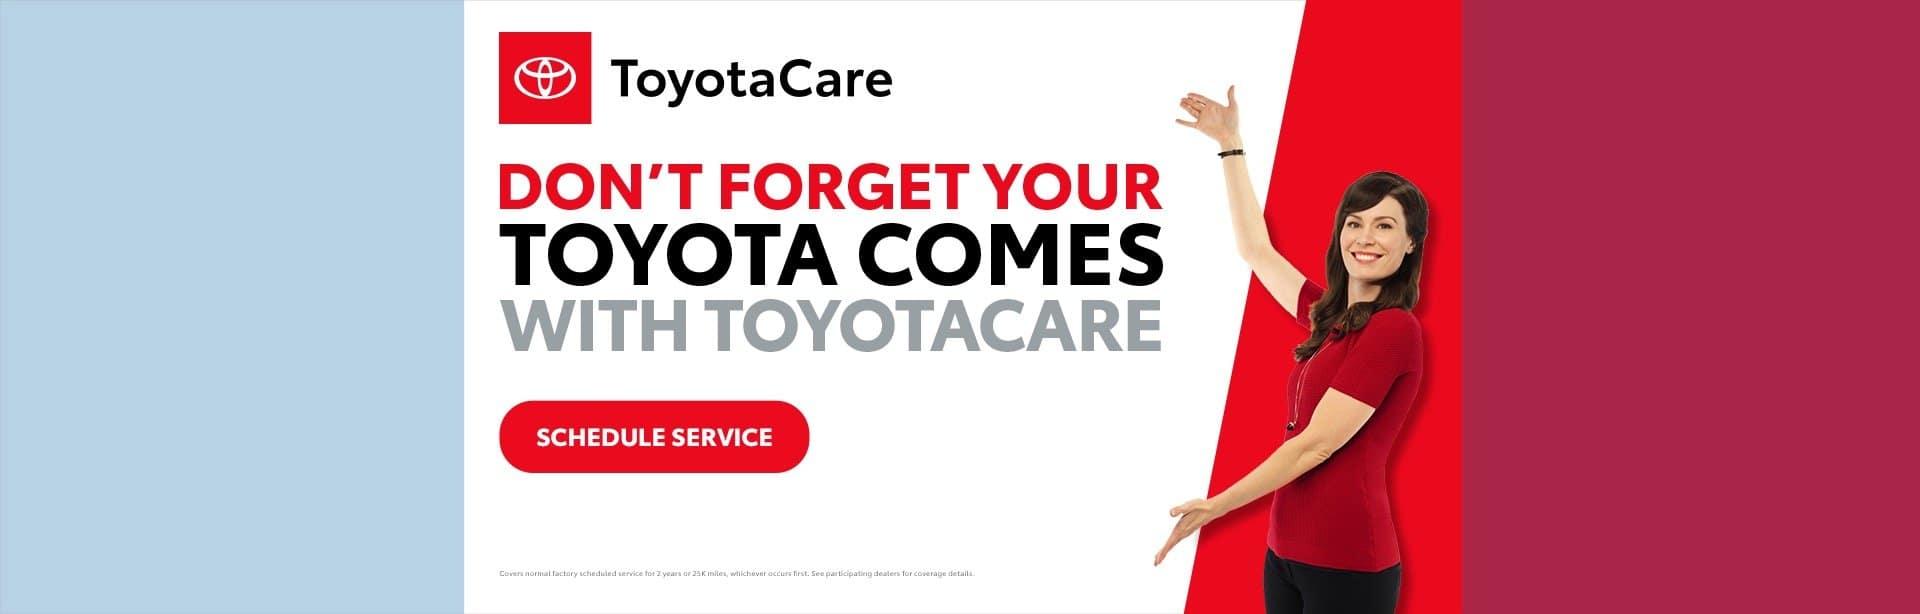 Toyota, ToyotaCare